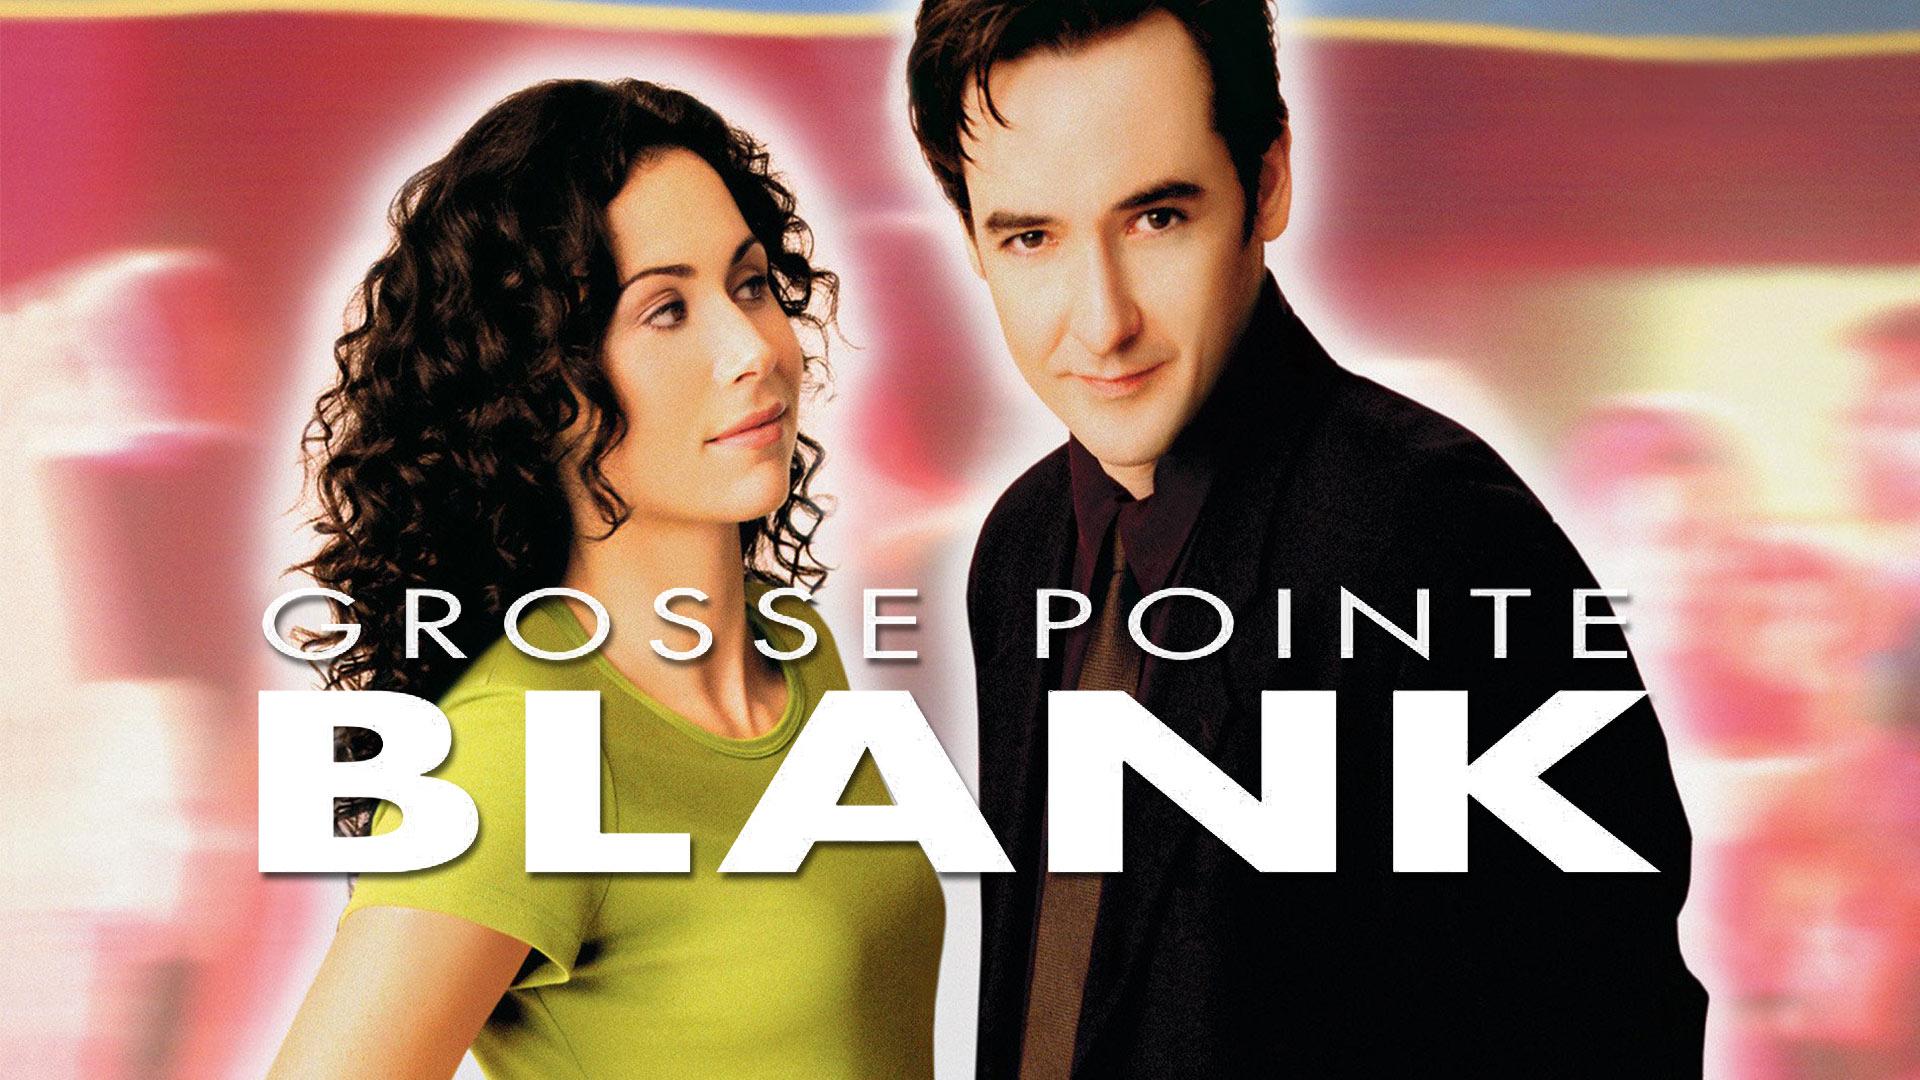 Grosse Pointe Blank